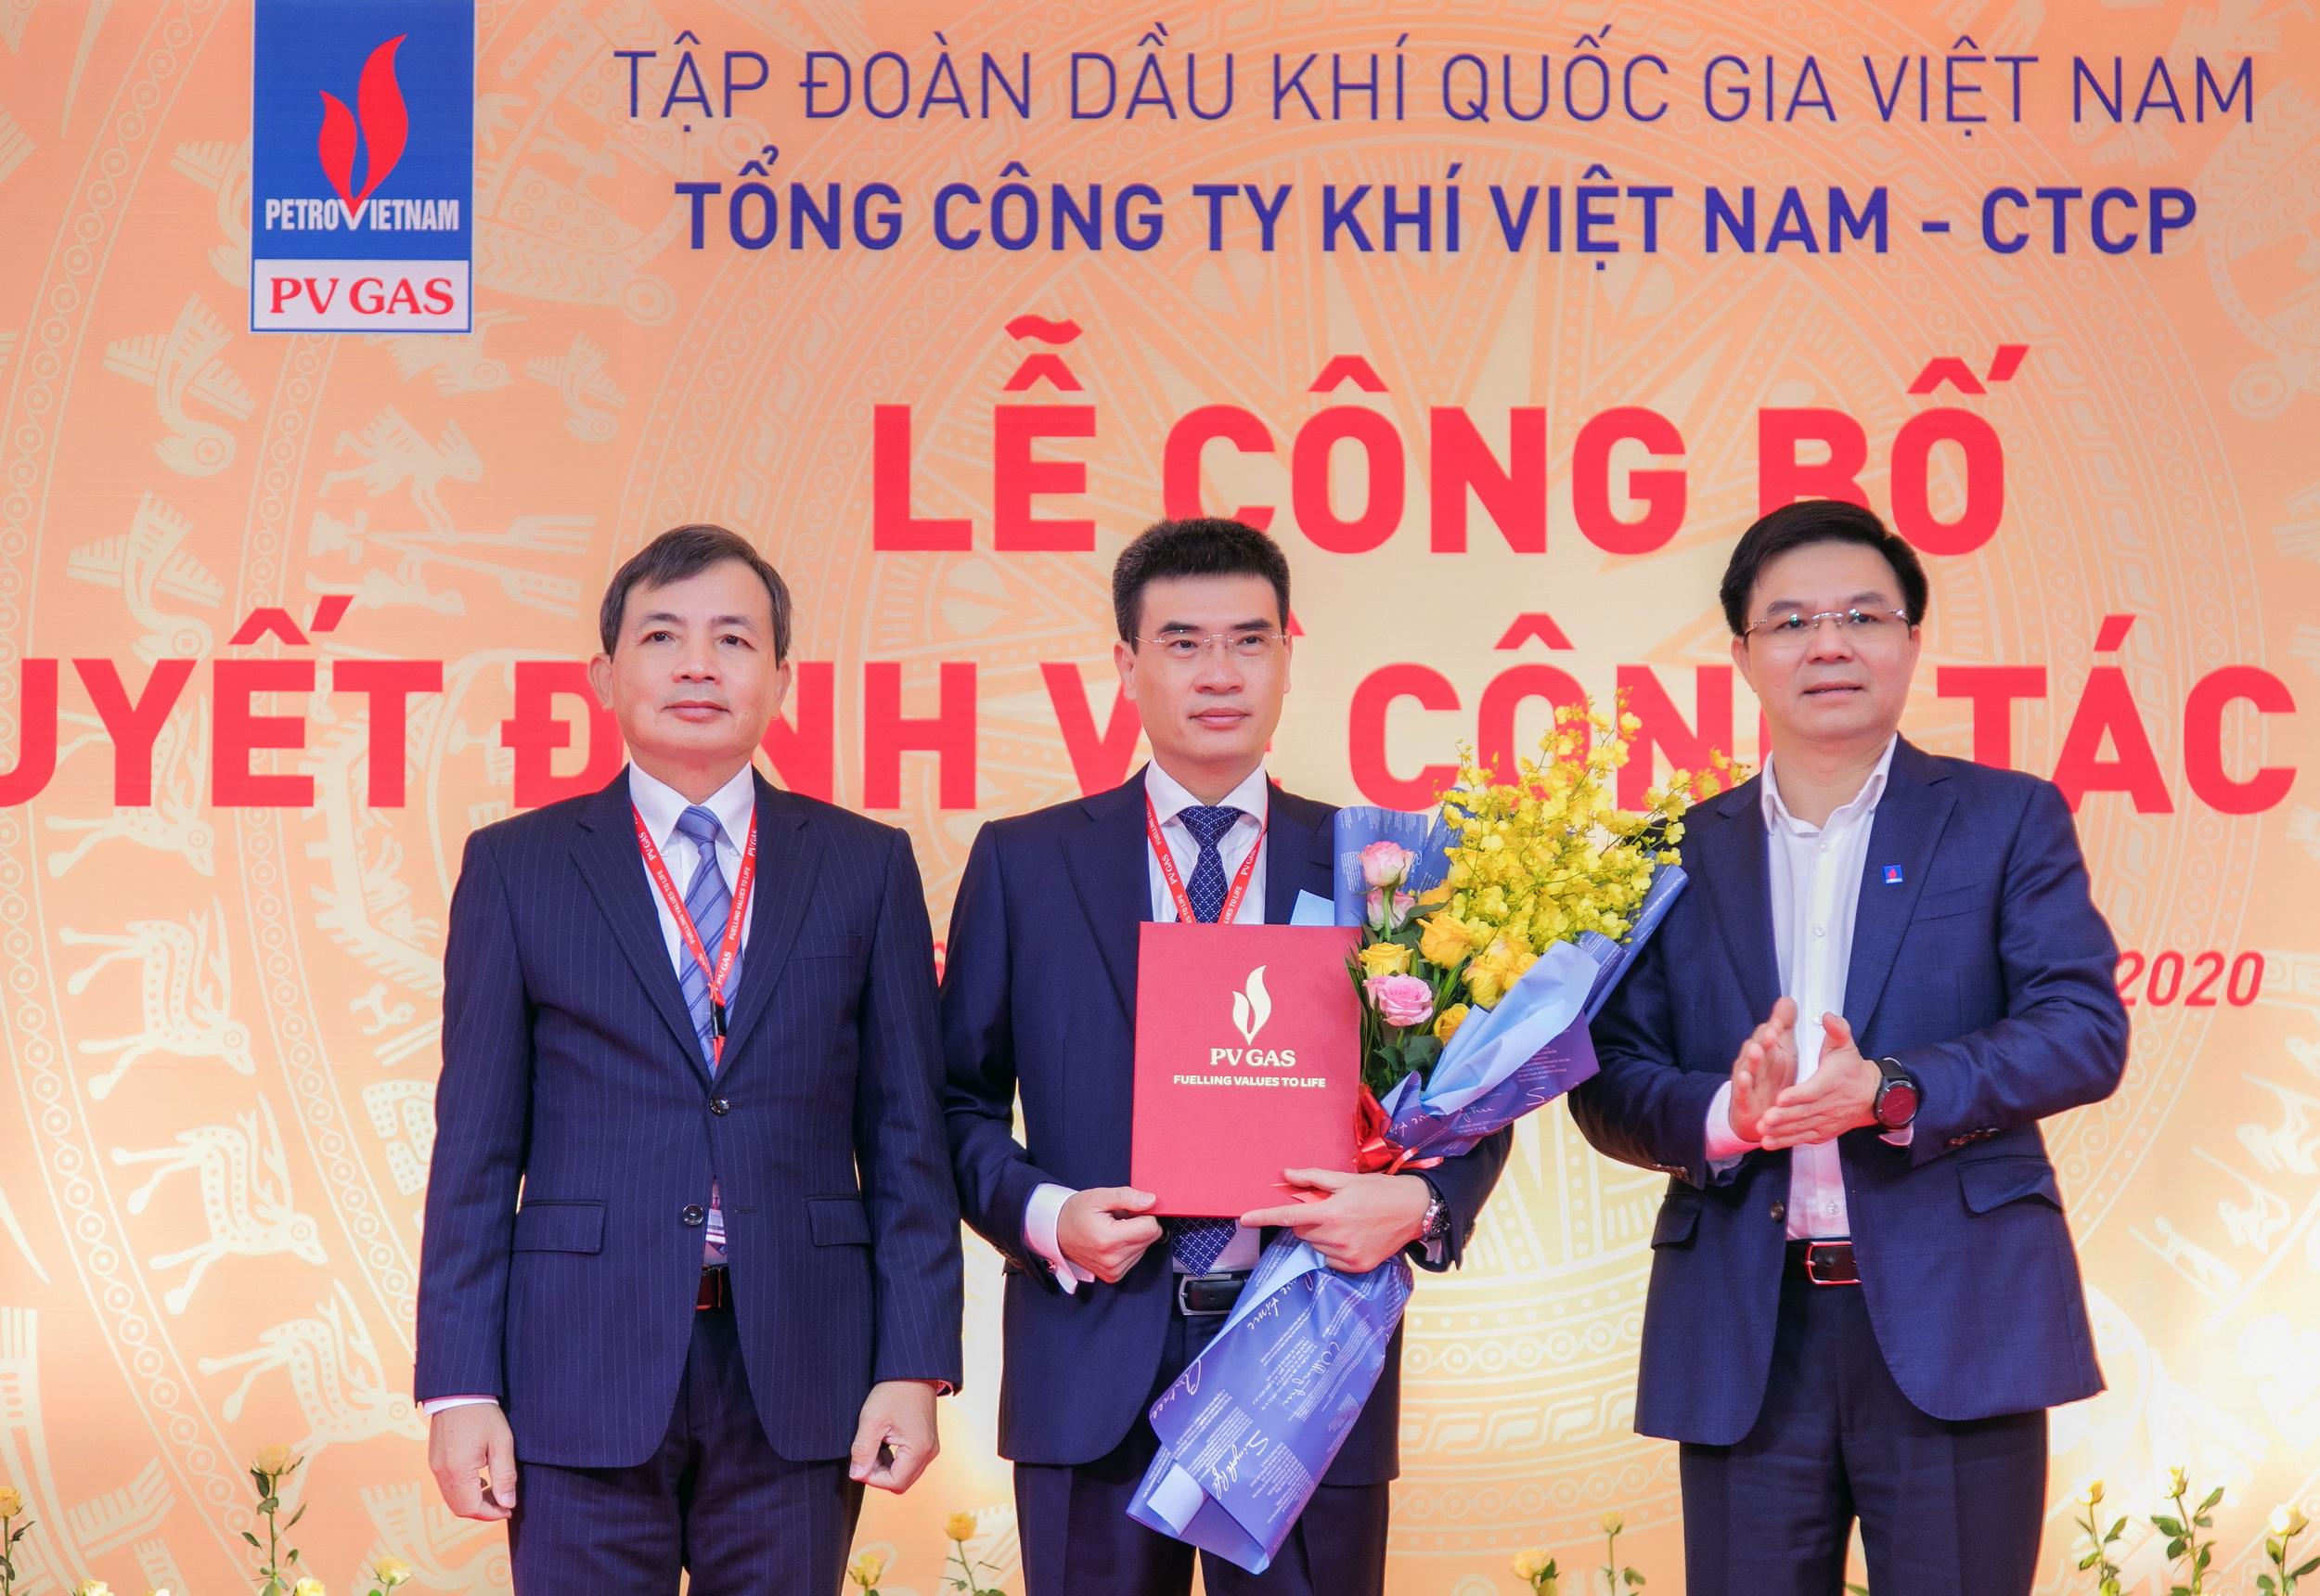 Trao quyết định bổ nhiệm lại cho ông Dương Mạnh Sơn - Thành viên HĐQT, Tổng Giám đốc PV GAS